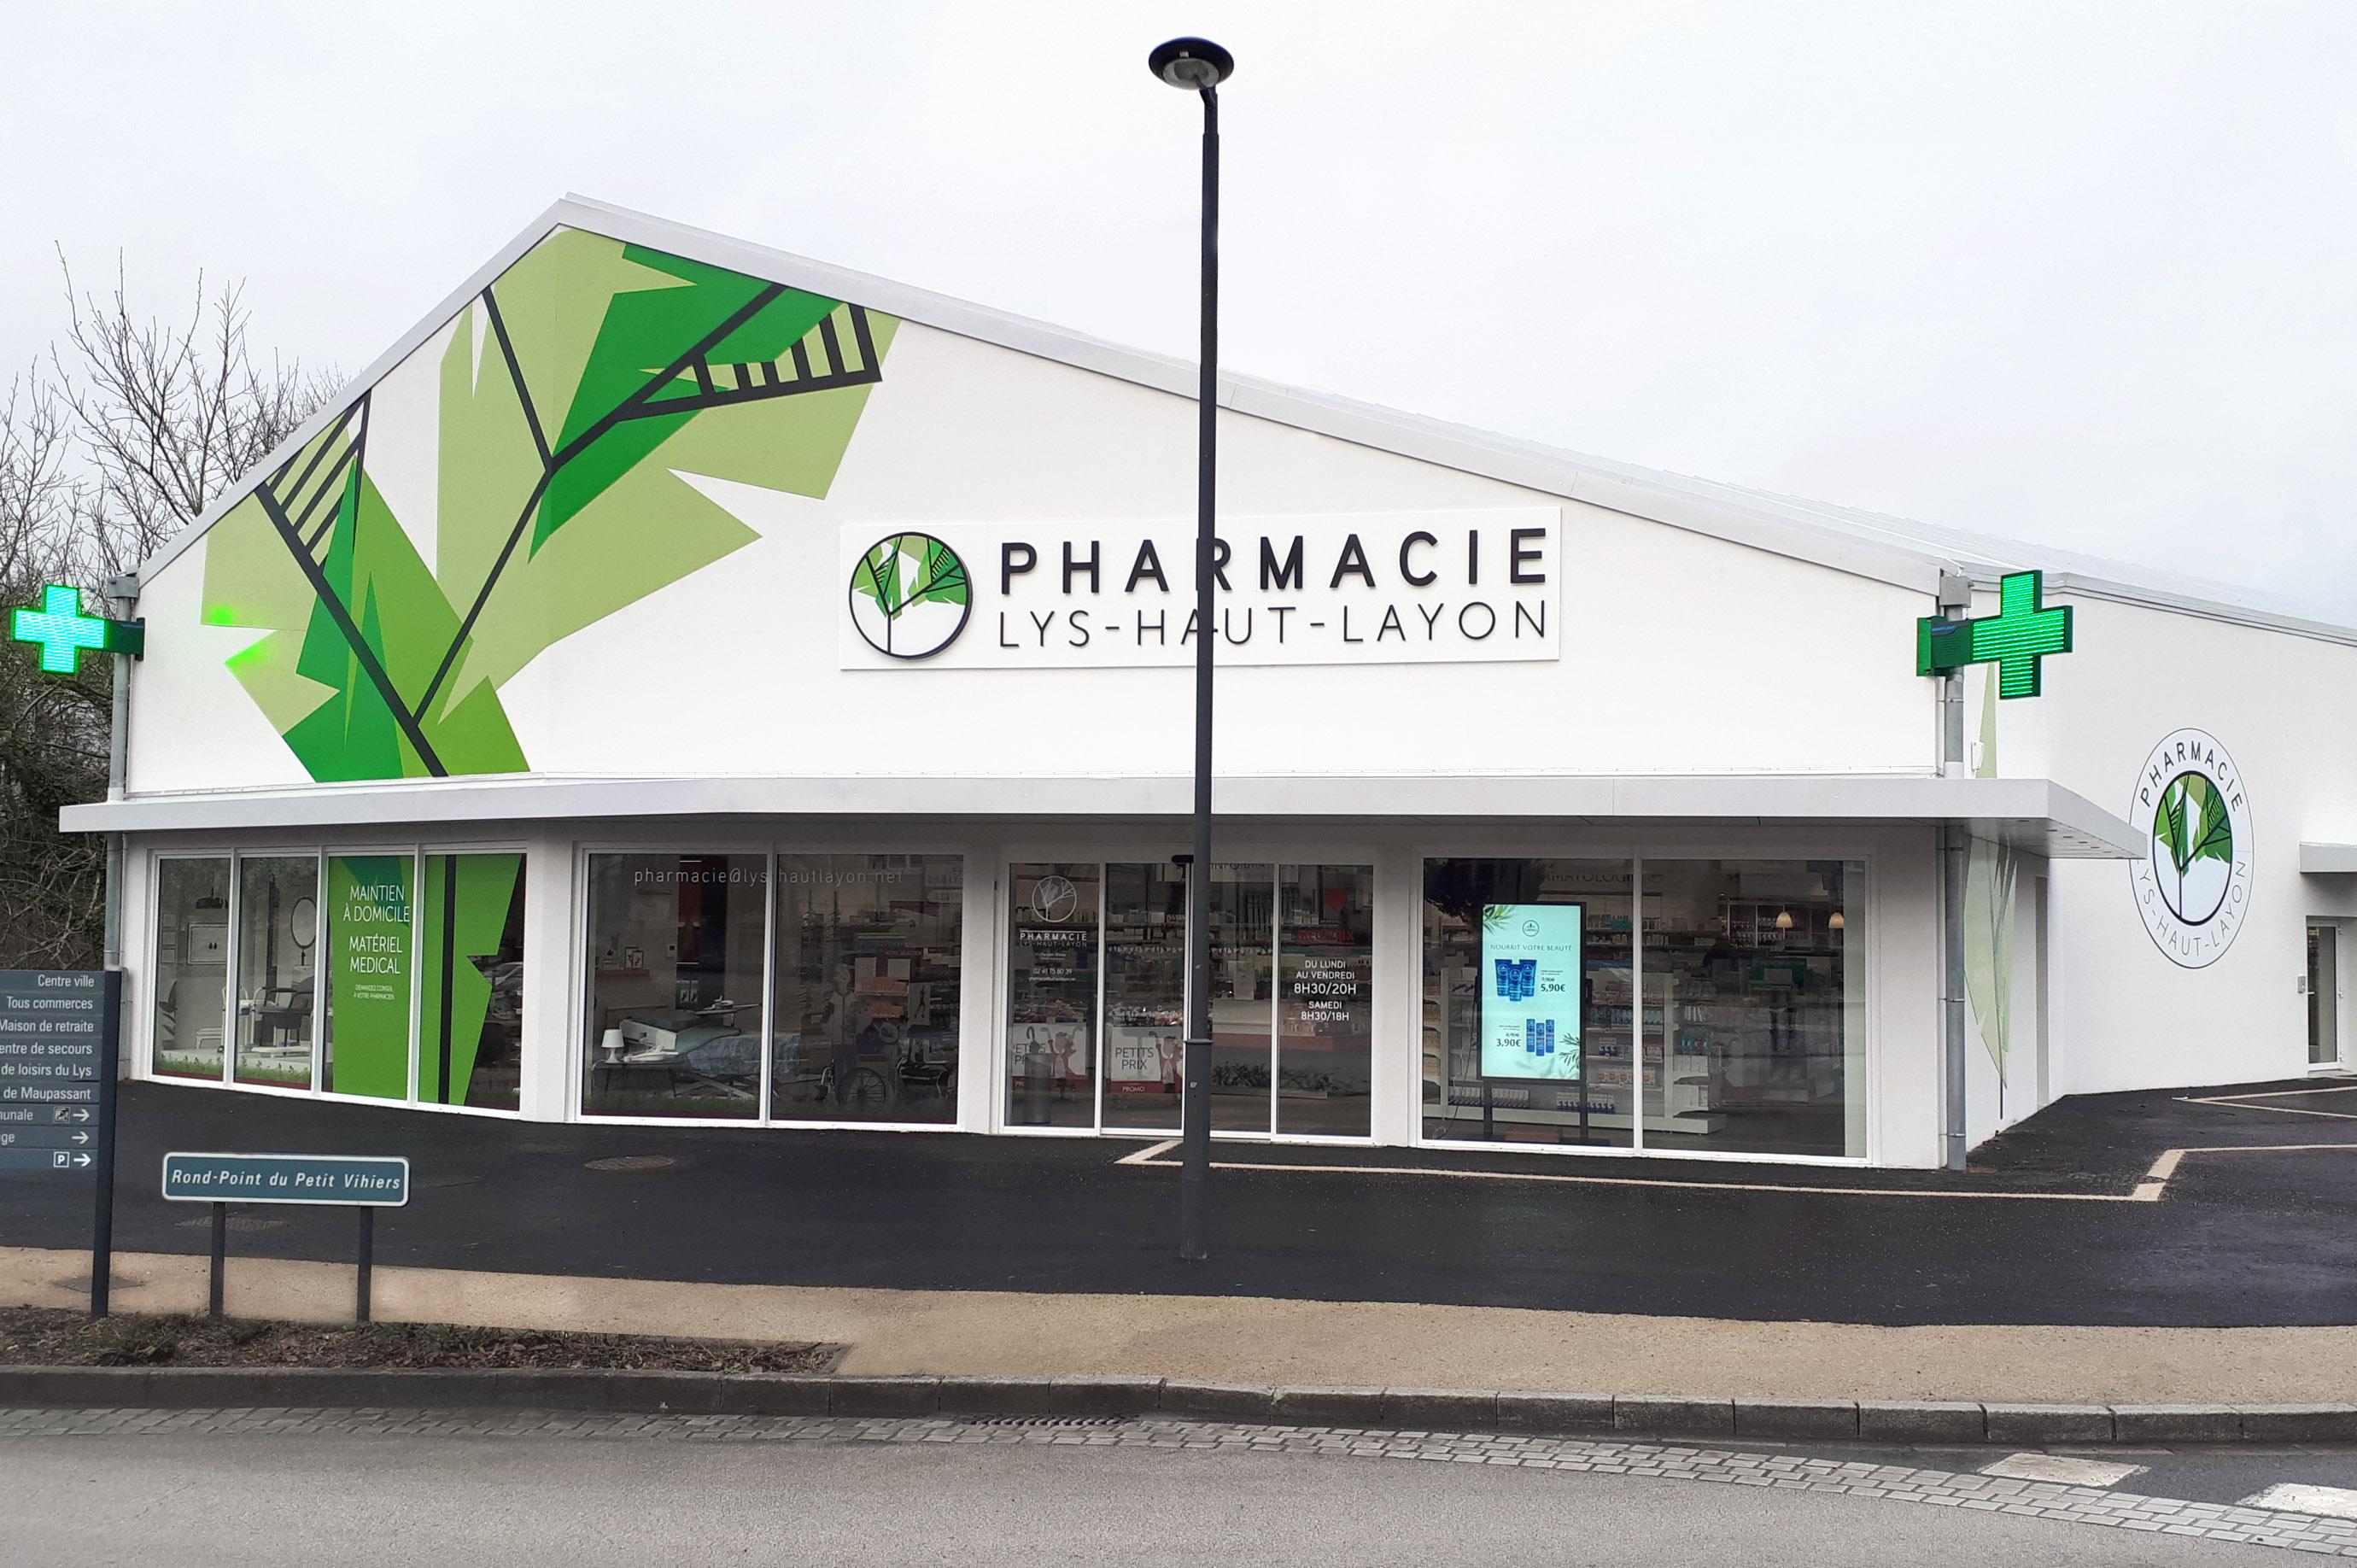 La façade de votre officine fait partie intégrante de votre projet d'agencement de pharmacie. Il s'a